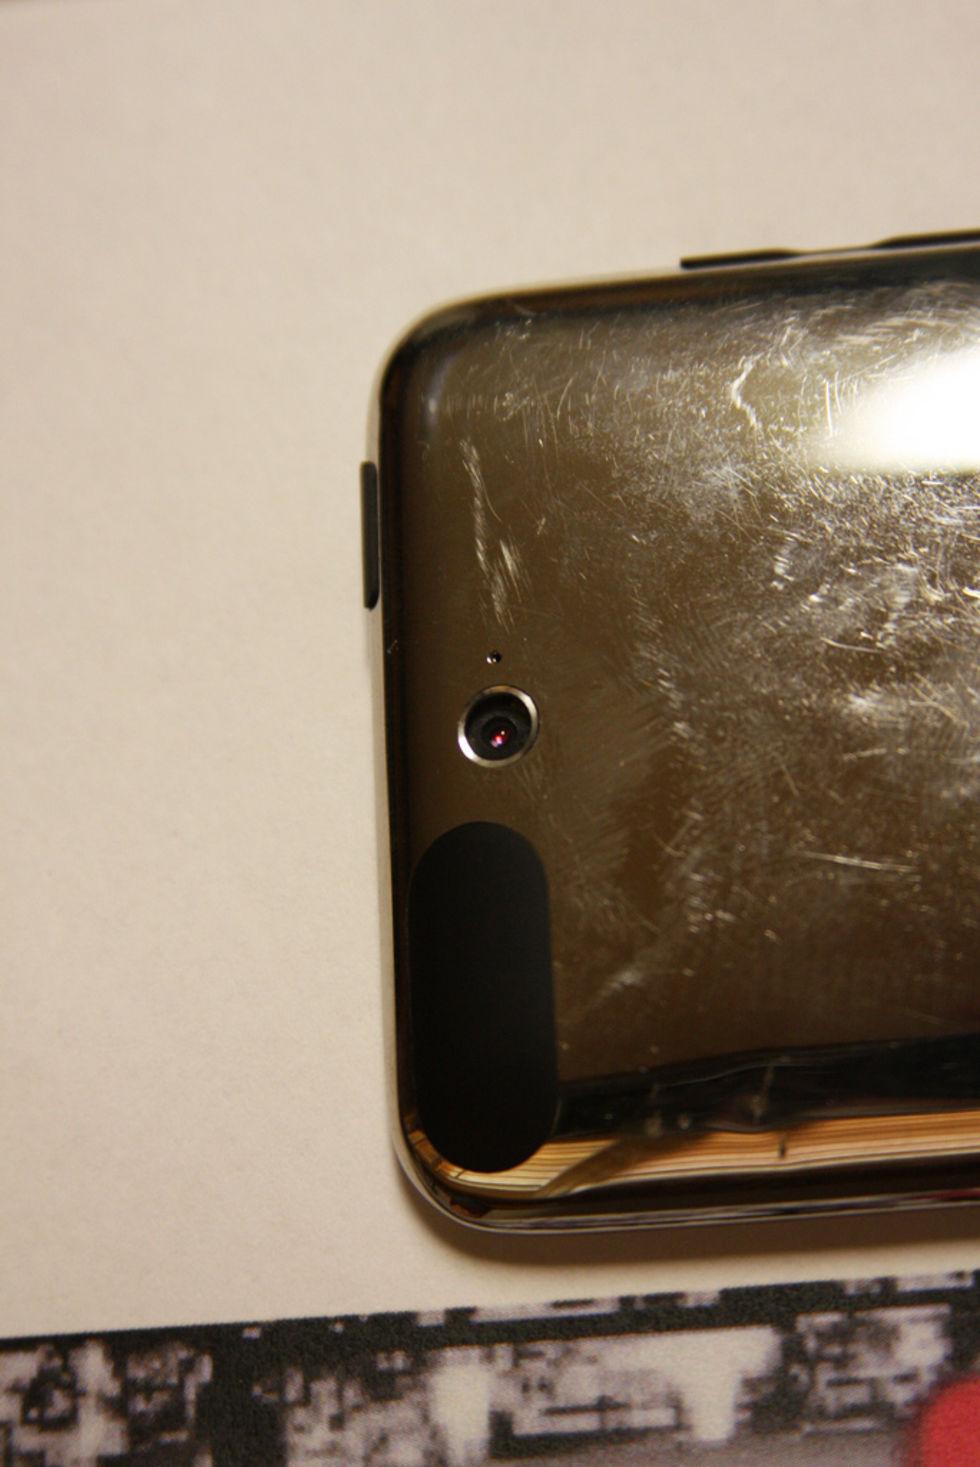 Kommer nya iPods i september?